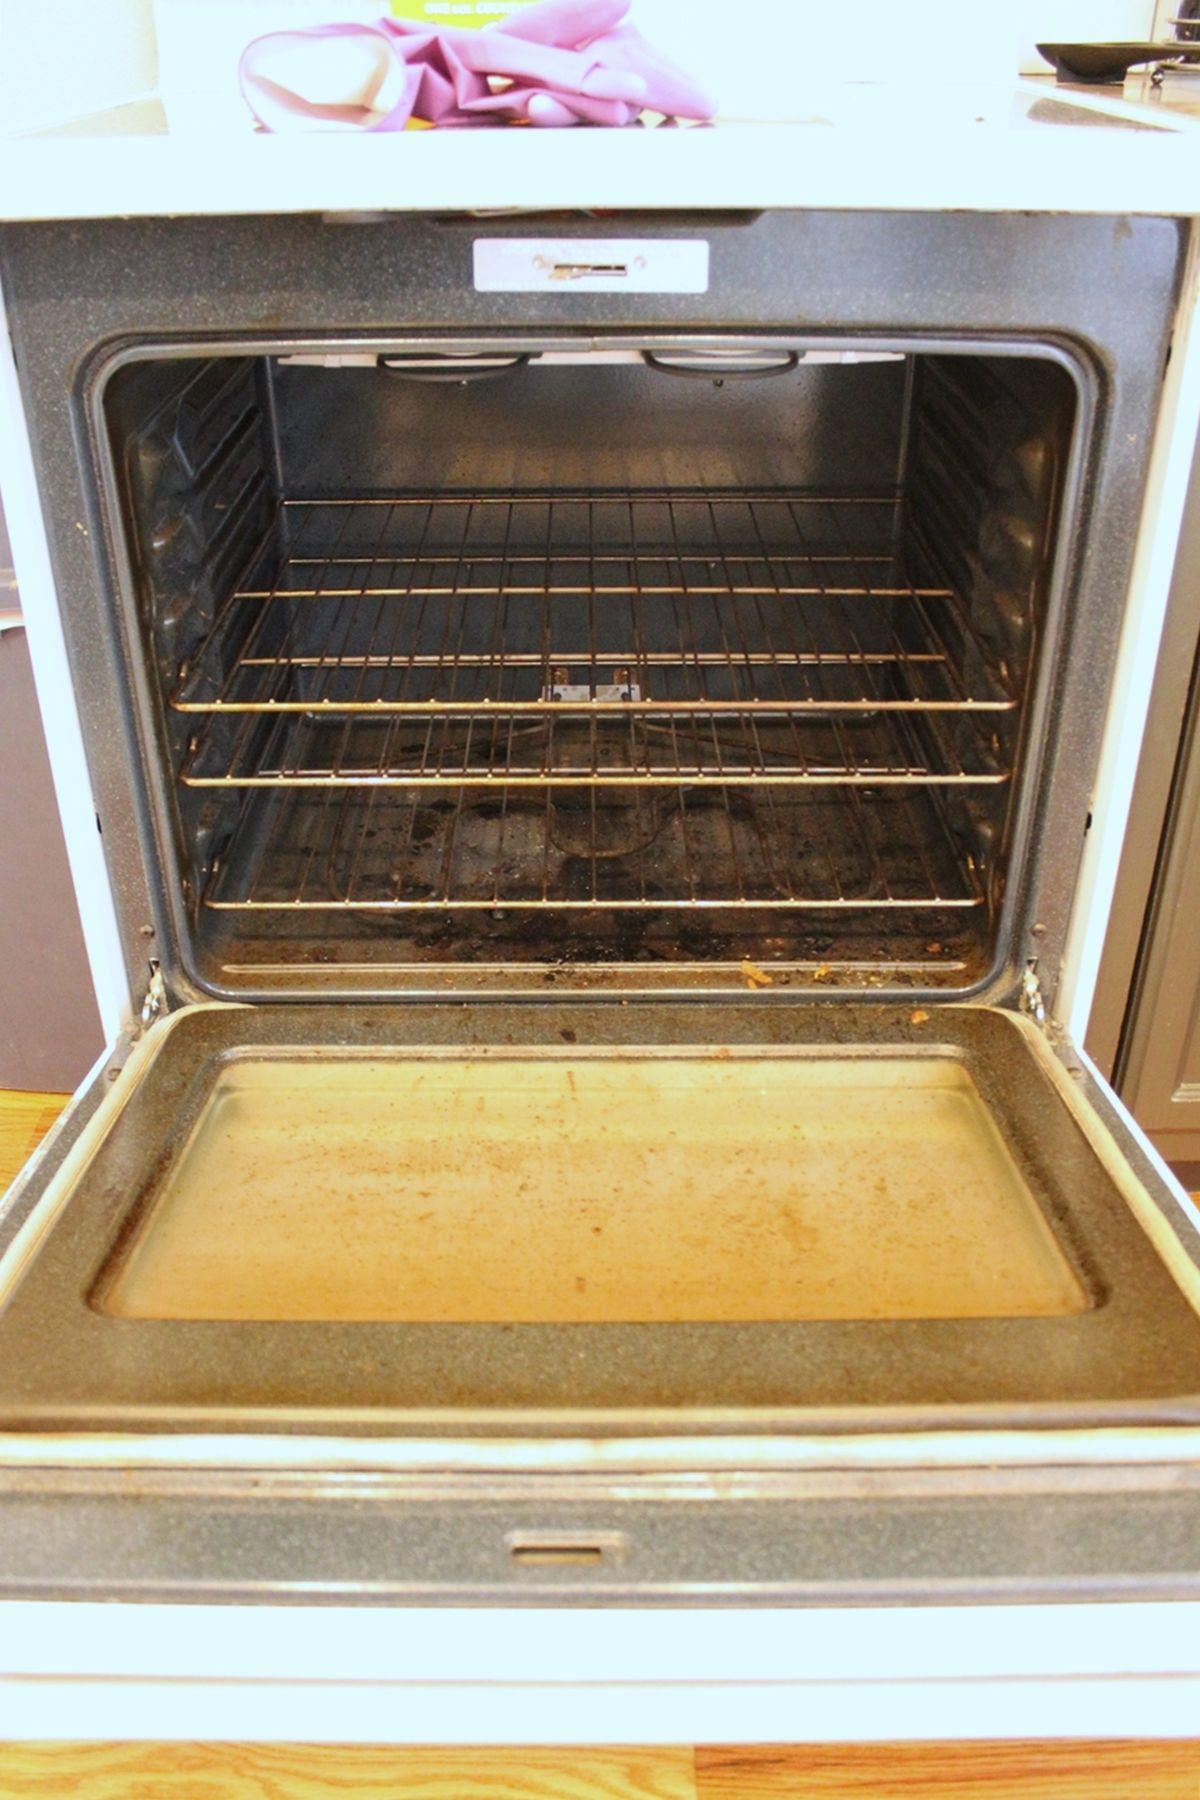 DIY Natural Oven Cleaner - Beginnen Sie mit Brutto